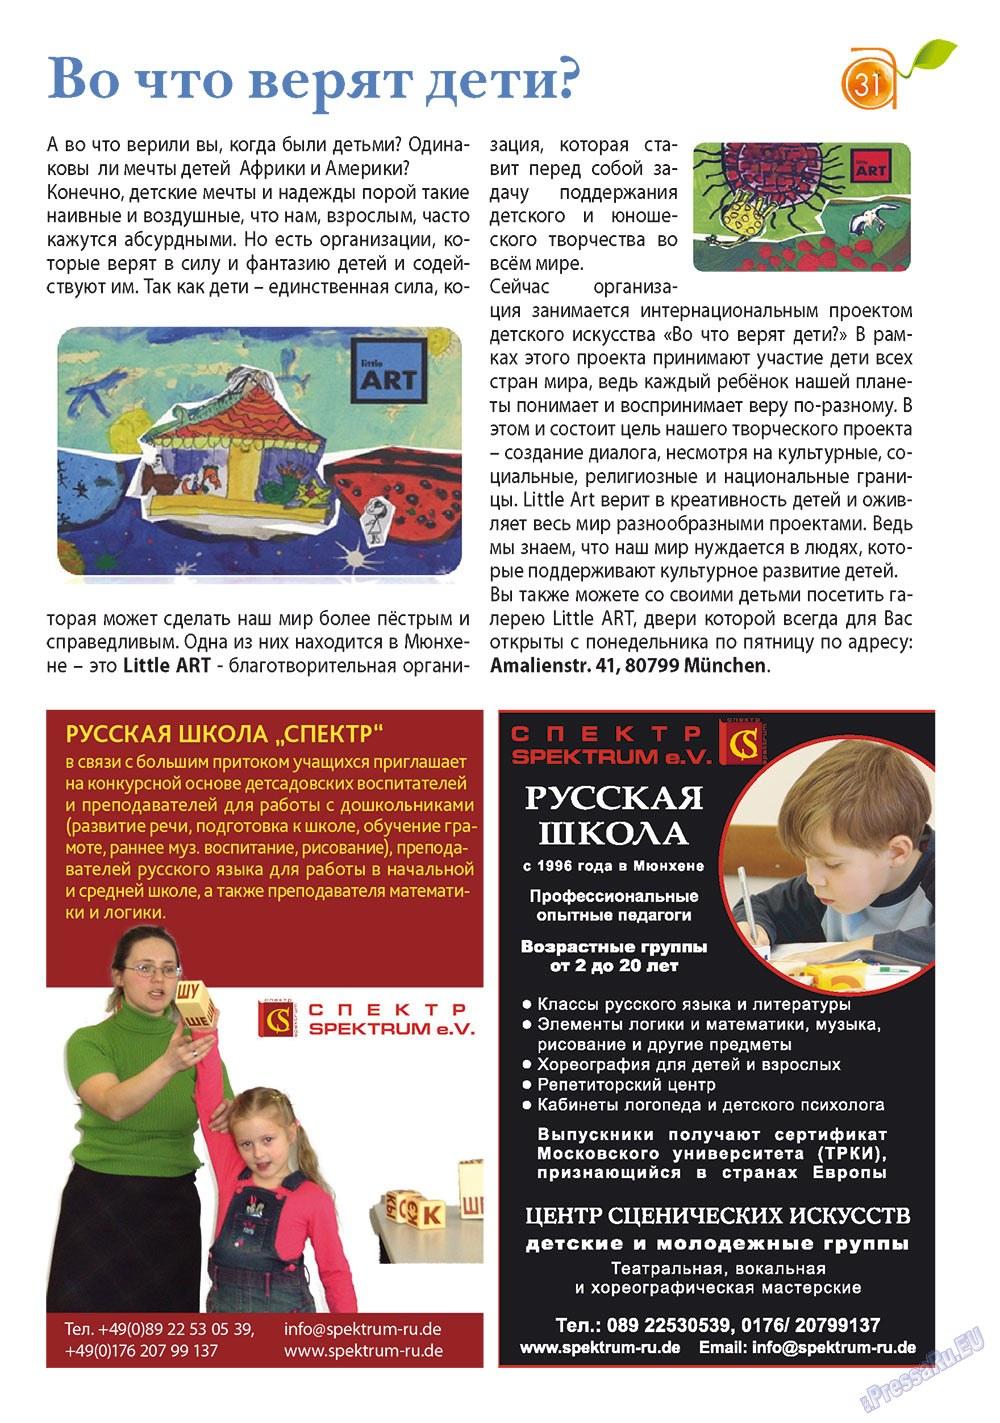 Апельсин (журнал). 2011 год, номер 25, стр. 31